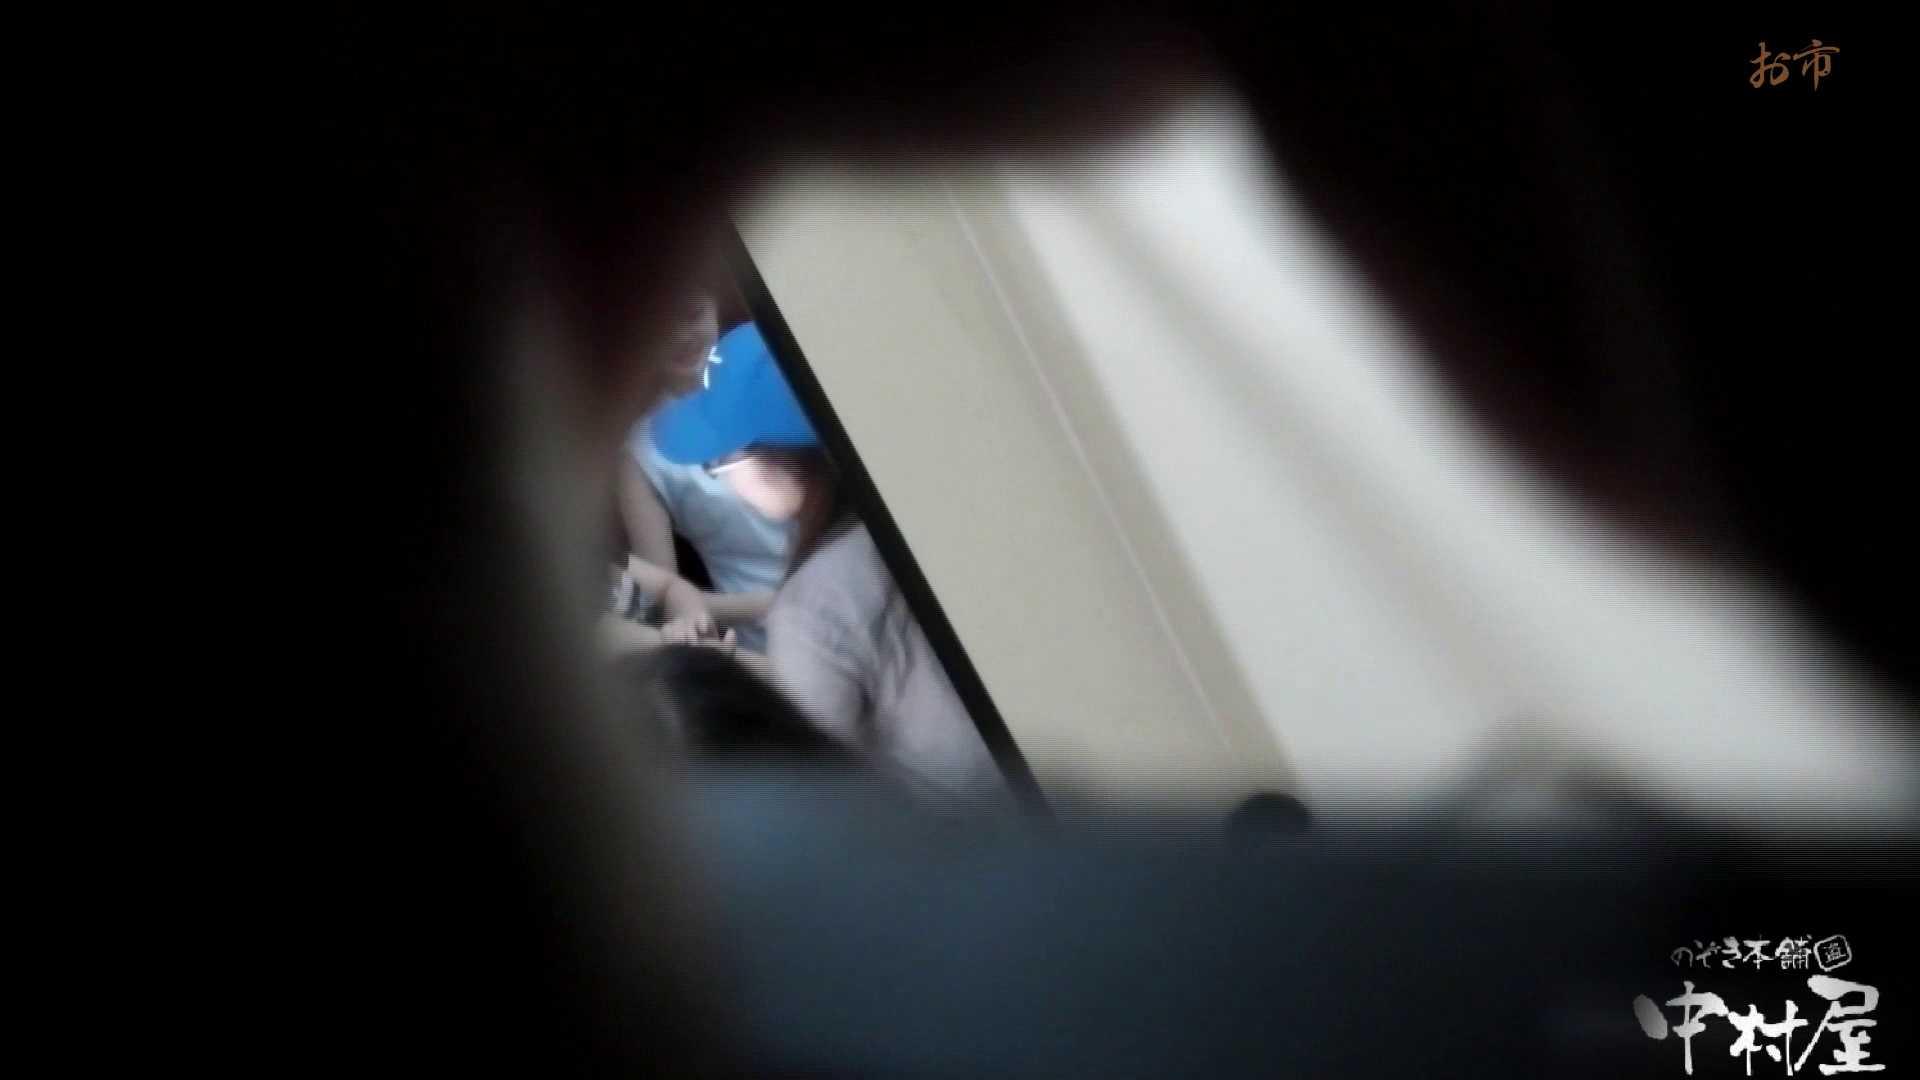 お市さんの「お尻丸出しジャンボリー」No.15 マンコ・ムレムレ 隠し撮りオマンコ動画紹介 99pic 70